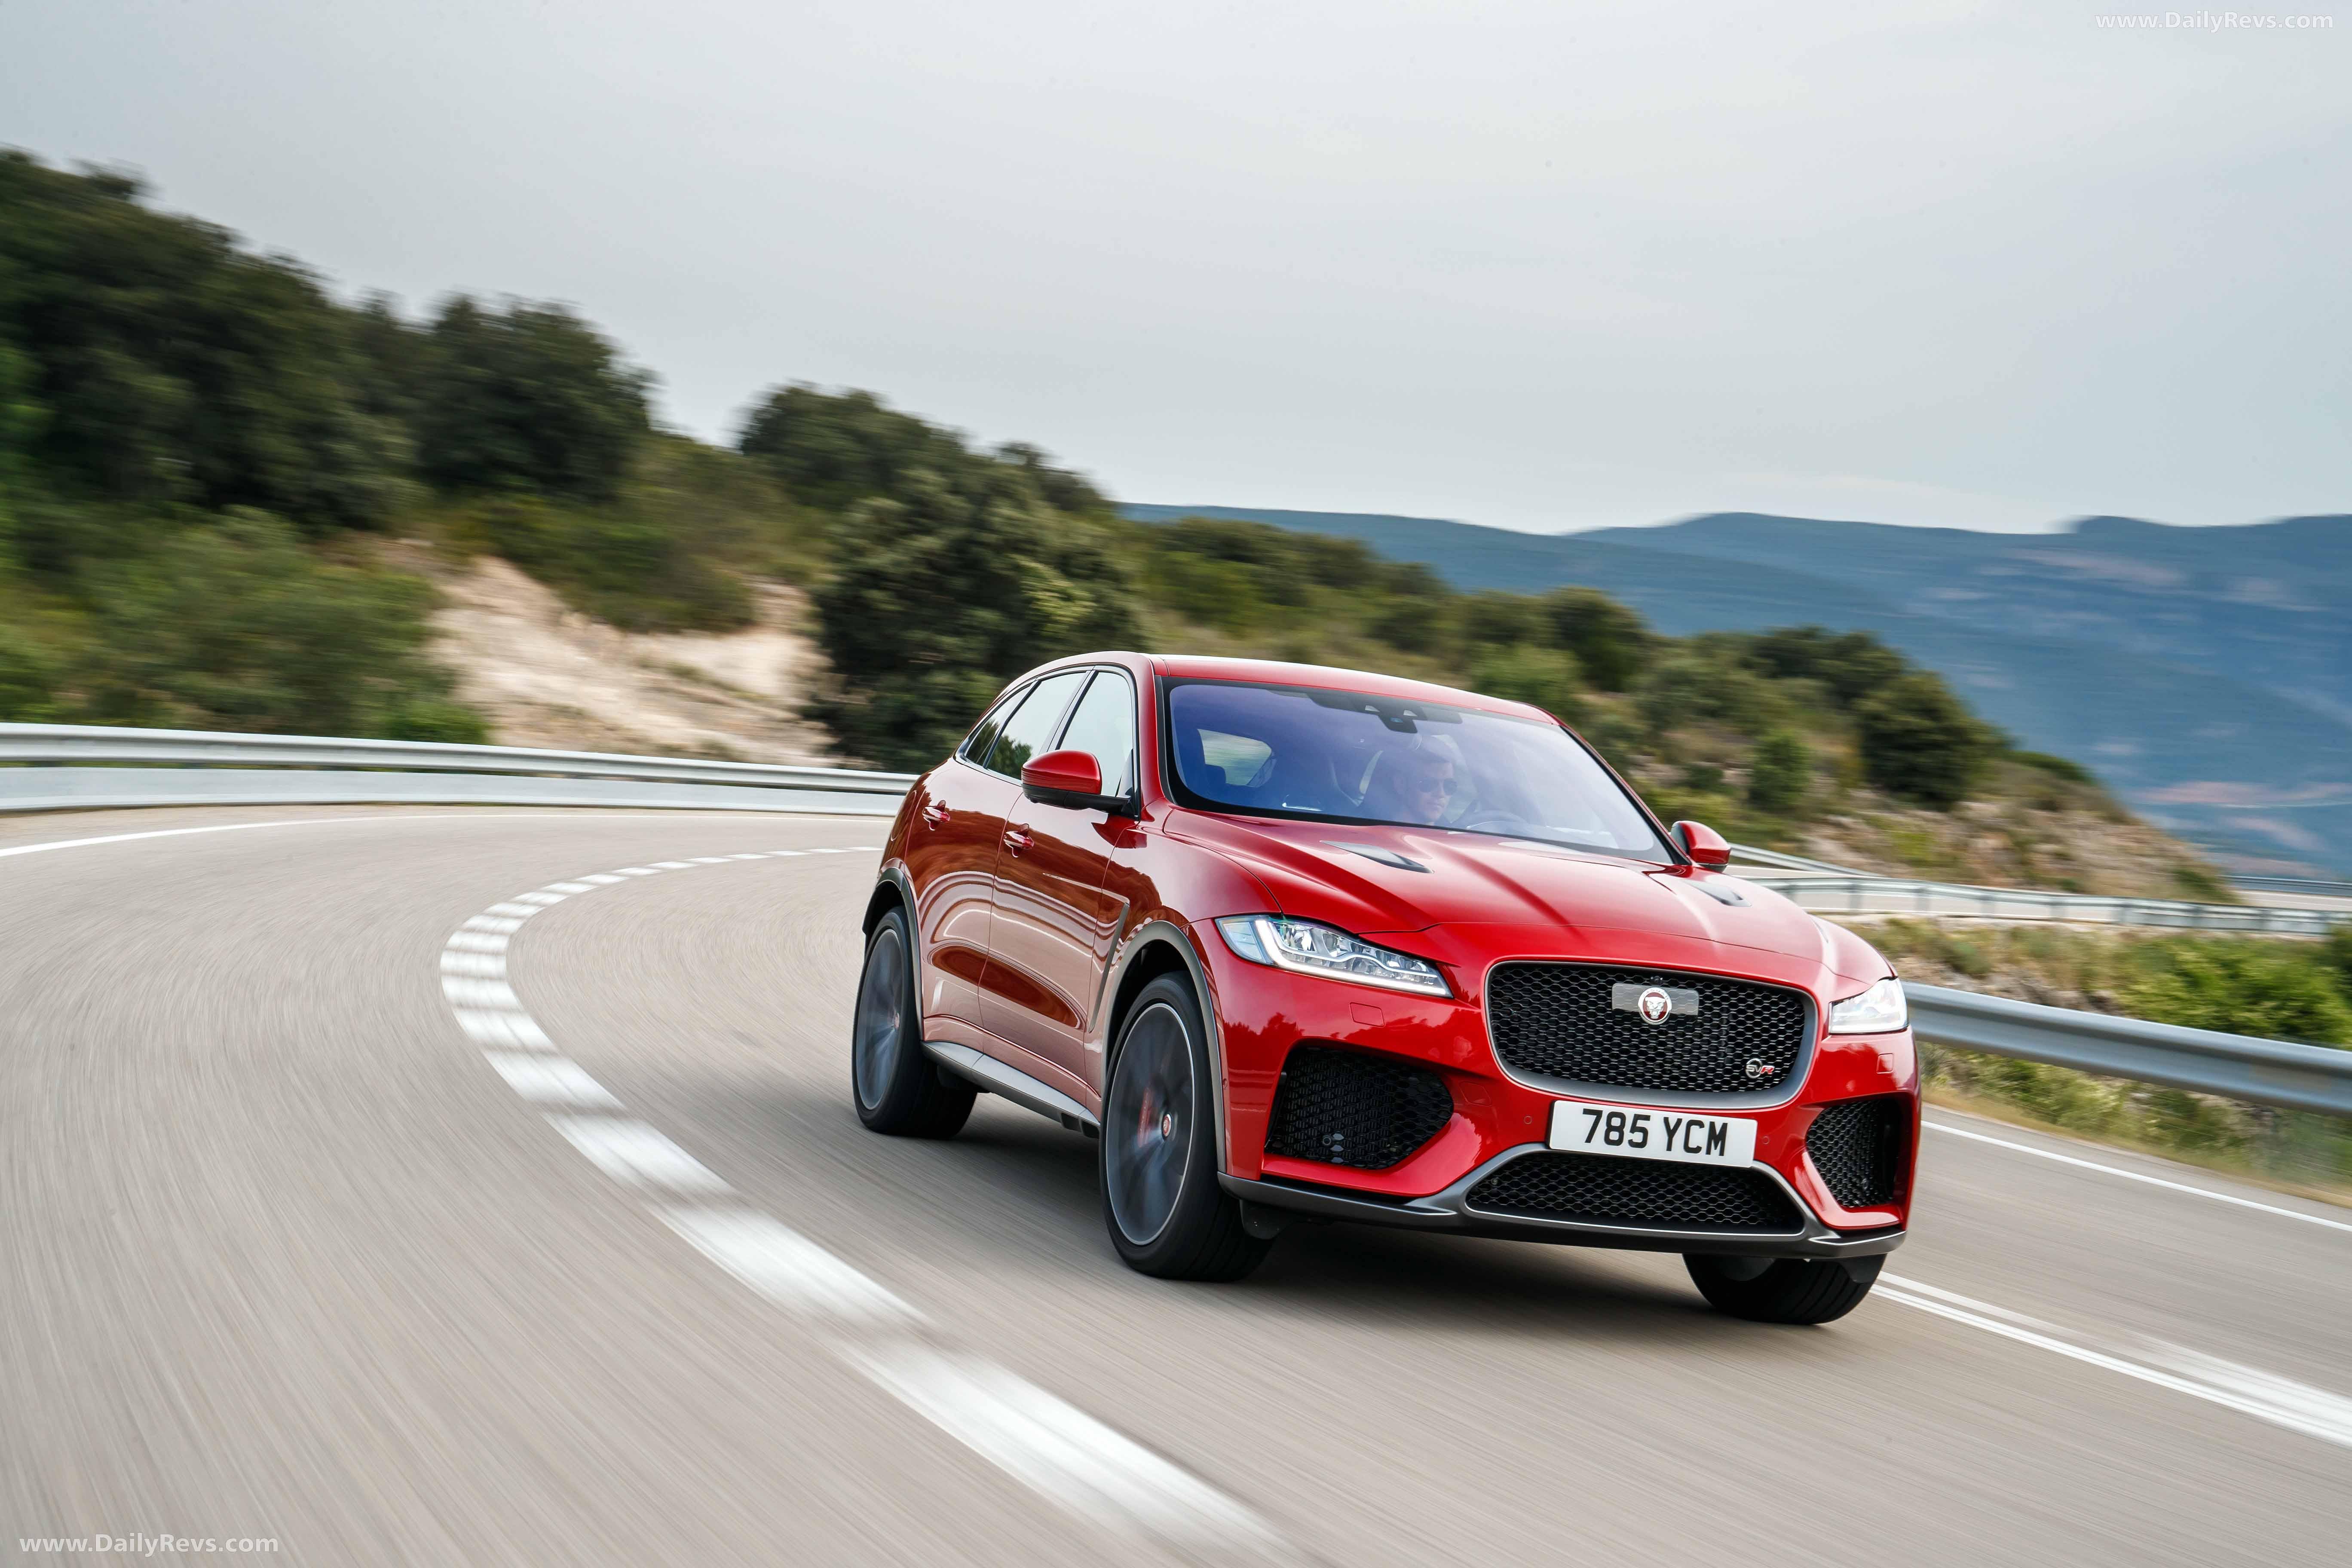 2019 Jaguar F-Pace SVR - HD Pictures, Videos, Specs ...